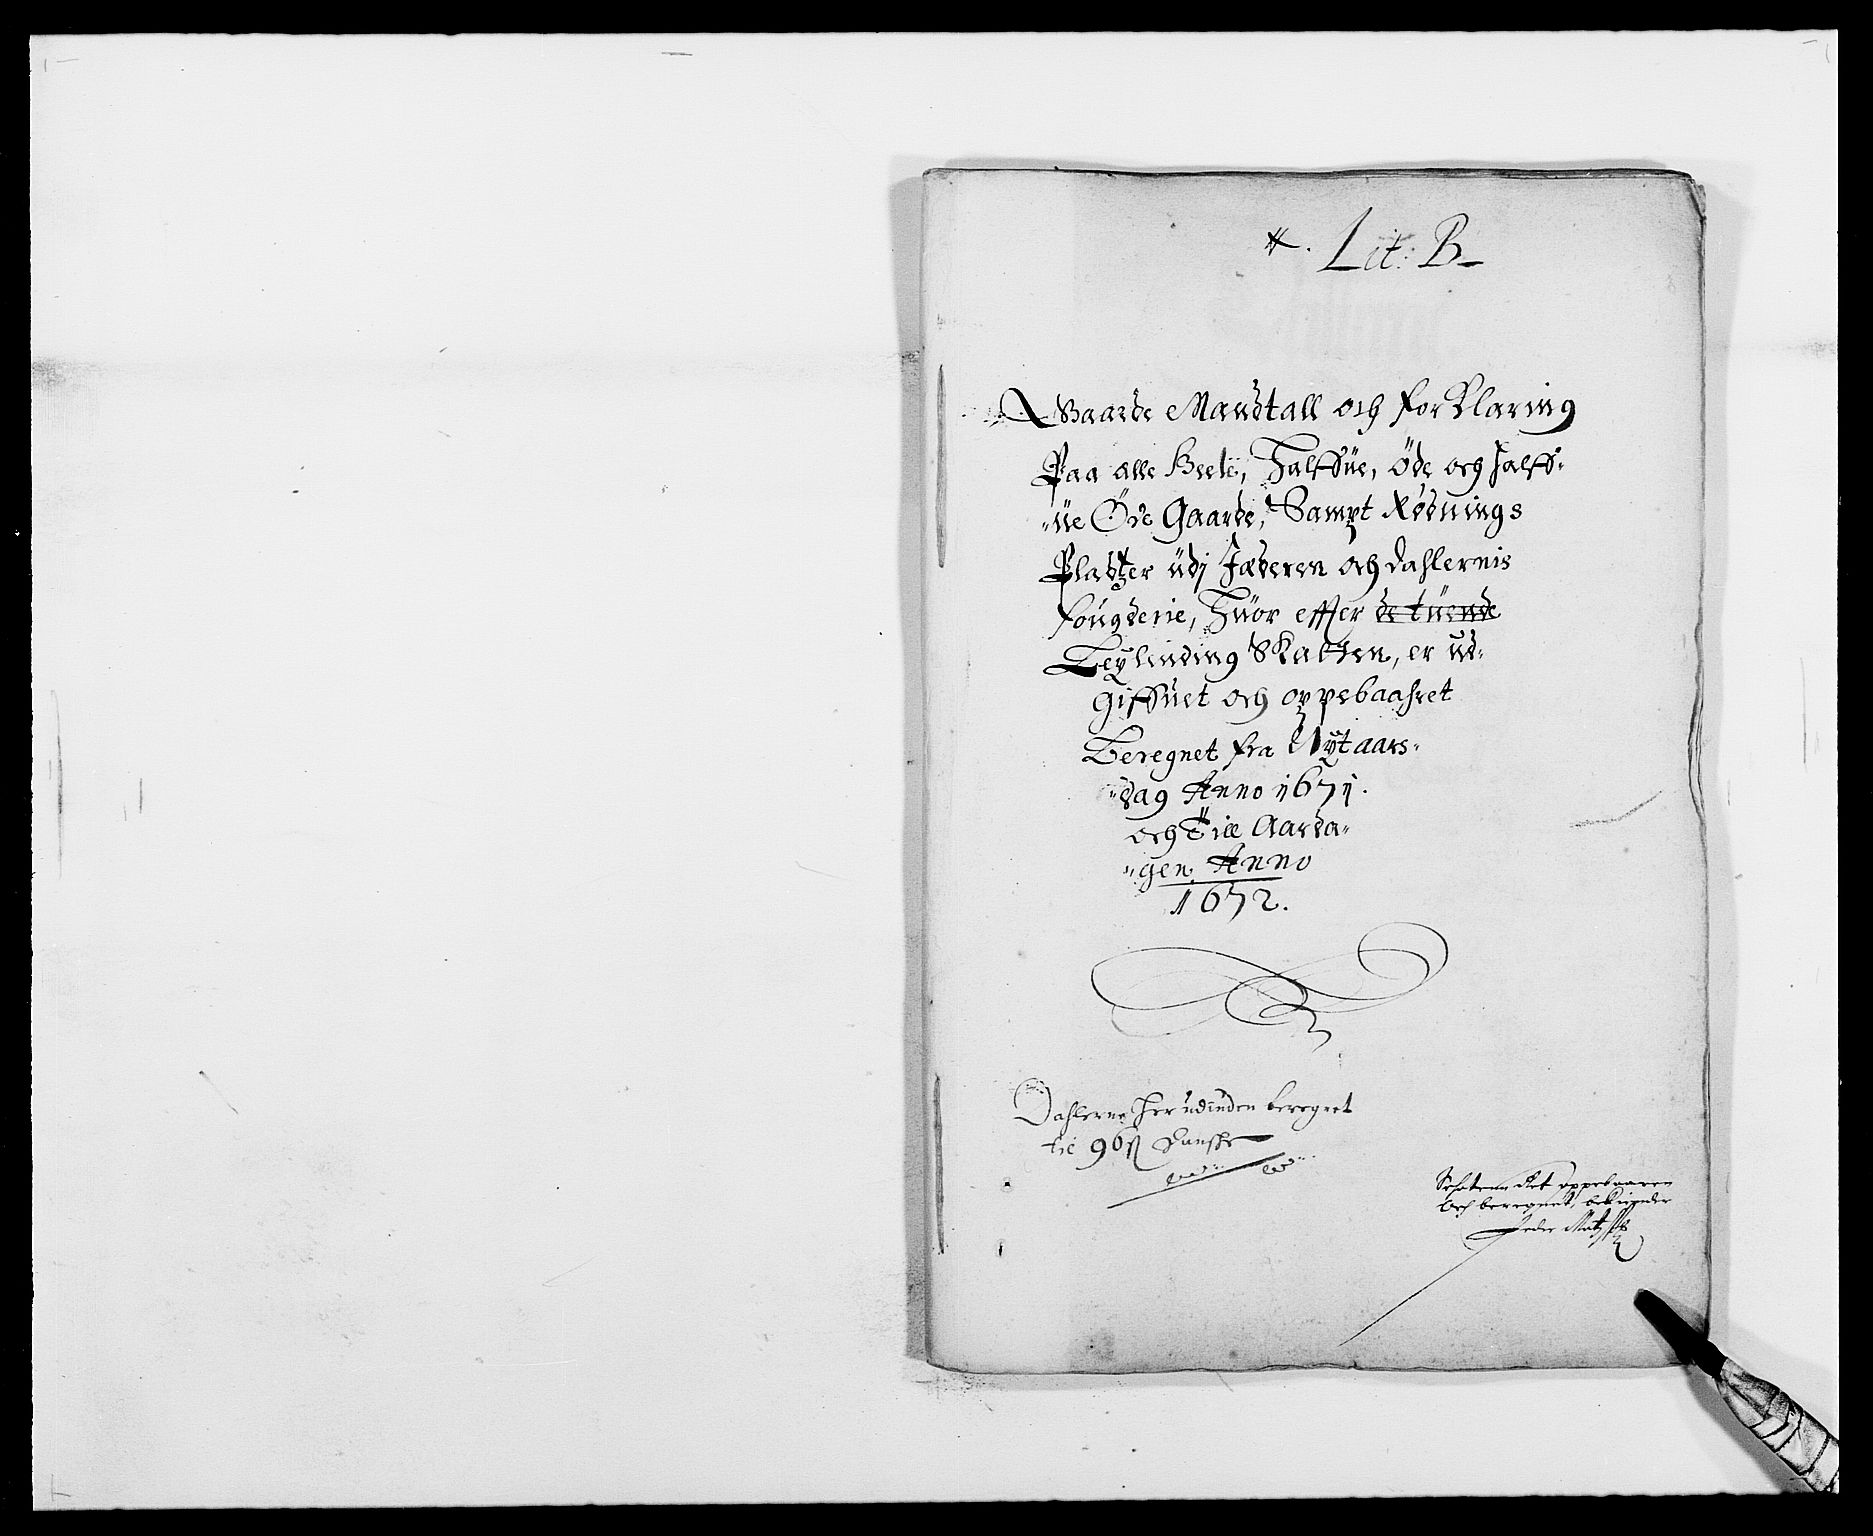 RA, Rentekammeret inntil 1814, Reviderte regnskaper, Fogderegnskap, R46/L2713: Fogderegnskap Jæren og Dalane, 1671-1672, s. 8